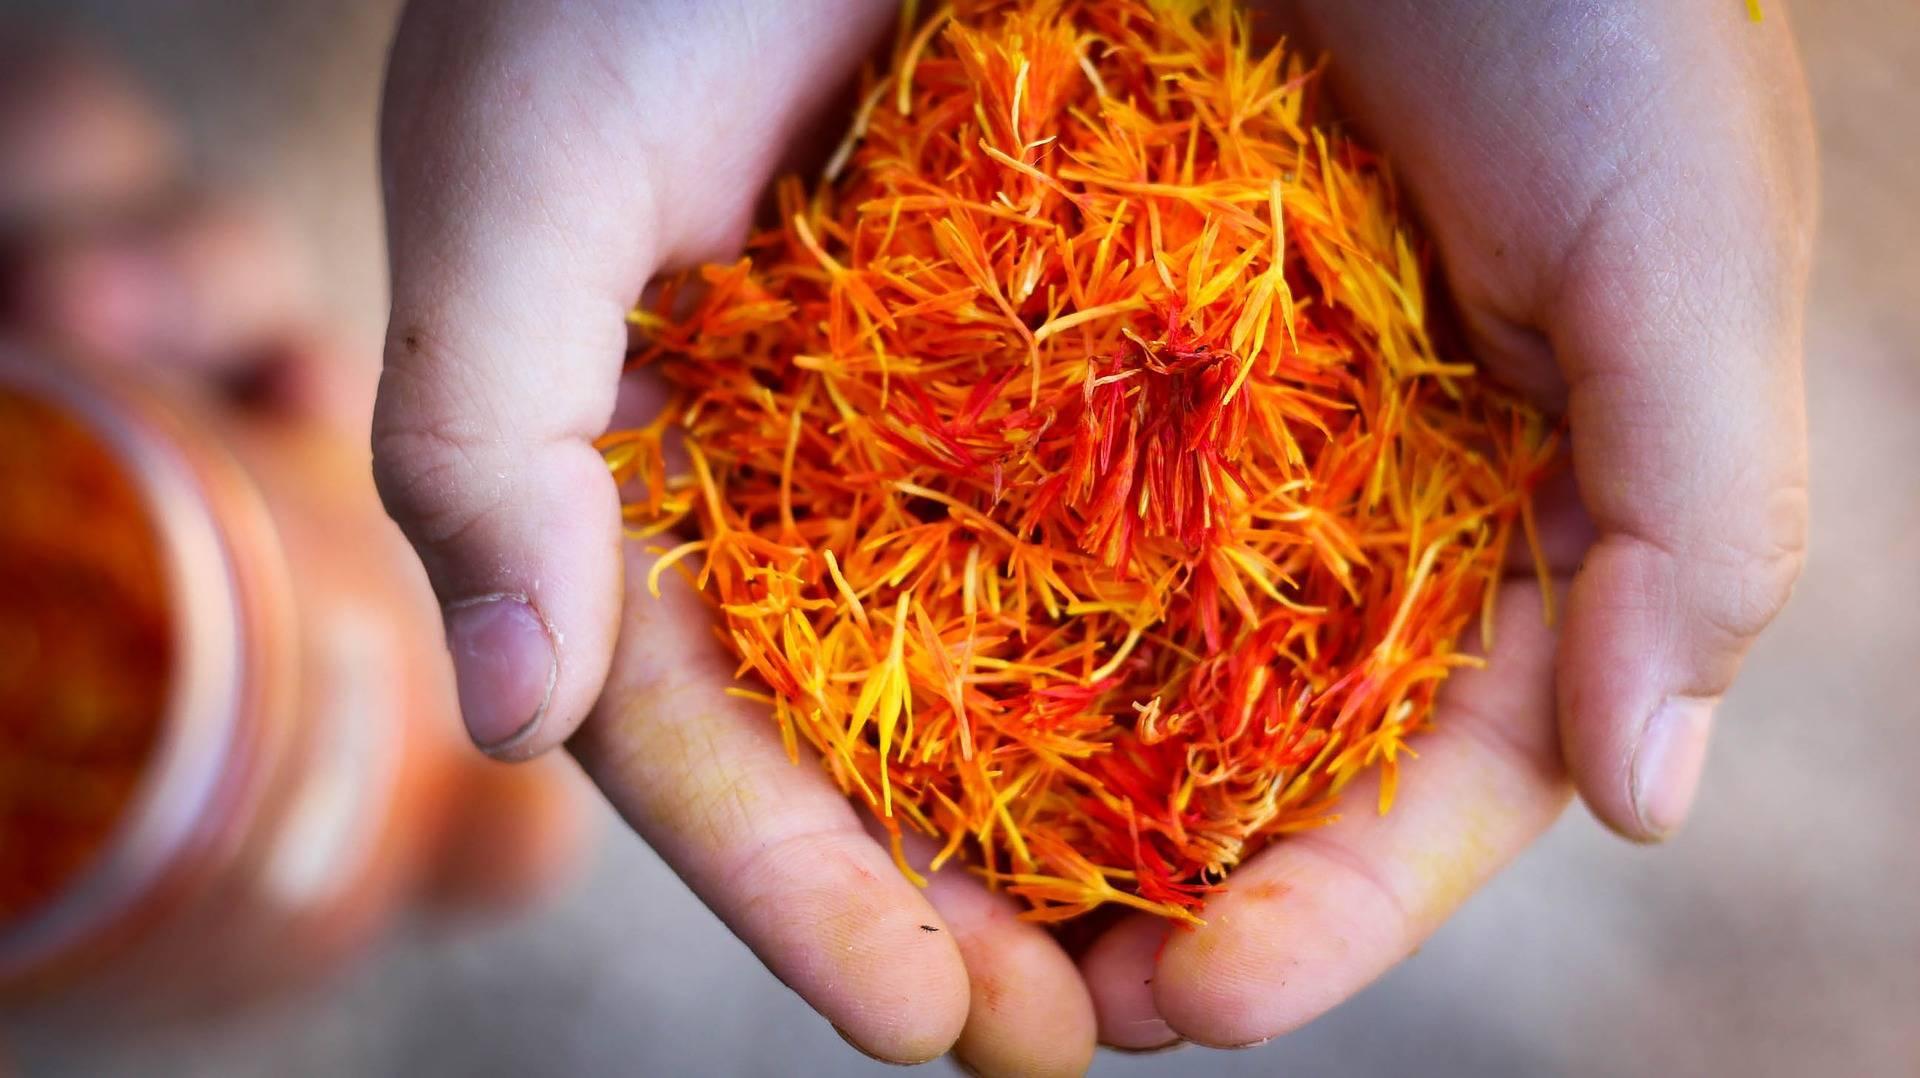 Магические и целебные свойства шафрана: польза и вред, правила выбора и хранения эксклюзивной специи